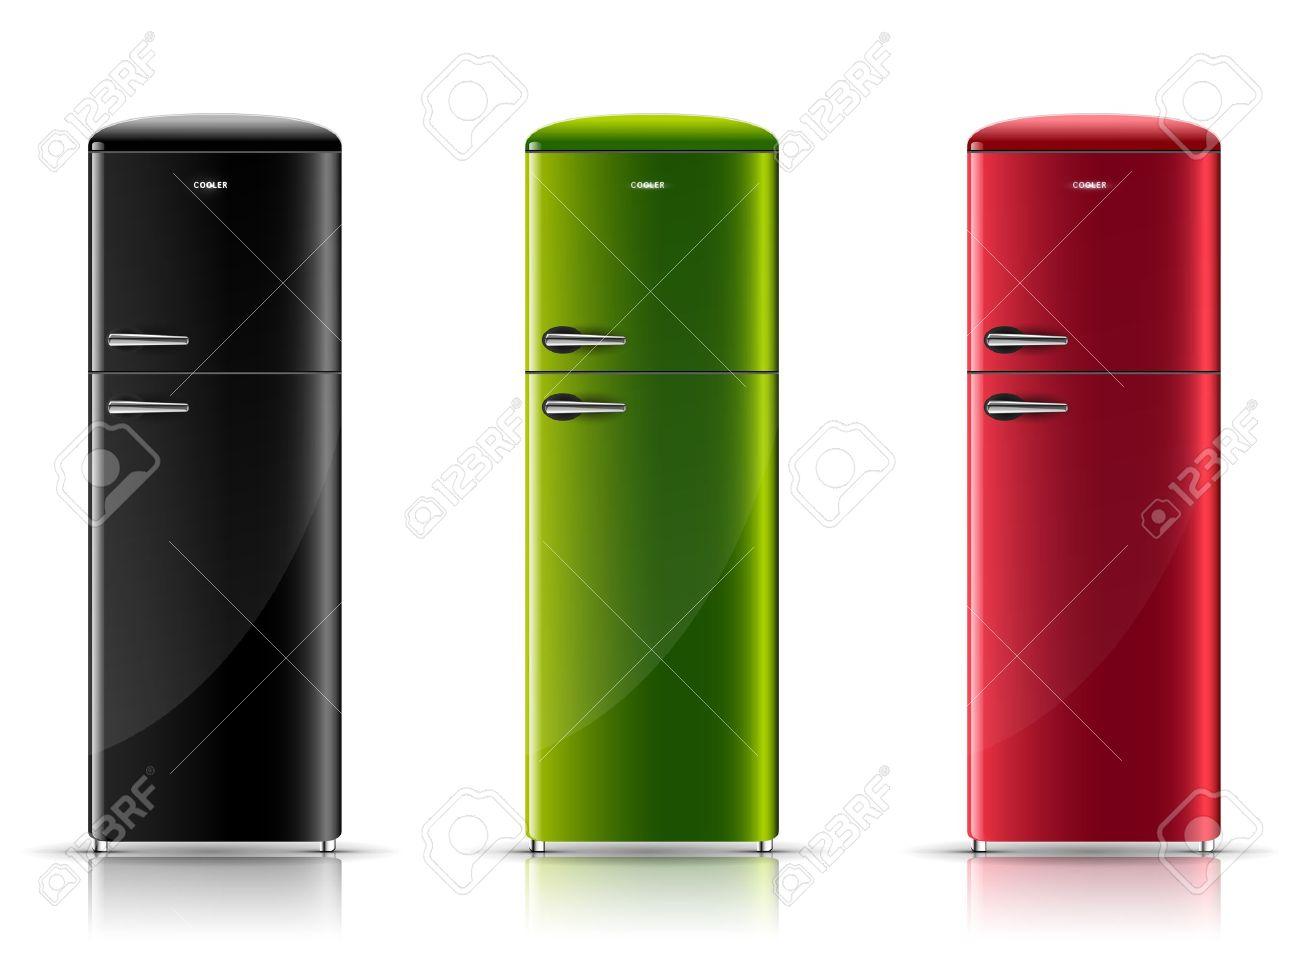 Retro Kühlschrank In Schwarz : Kühl gefrierkombination a kühlschrank freistehend